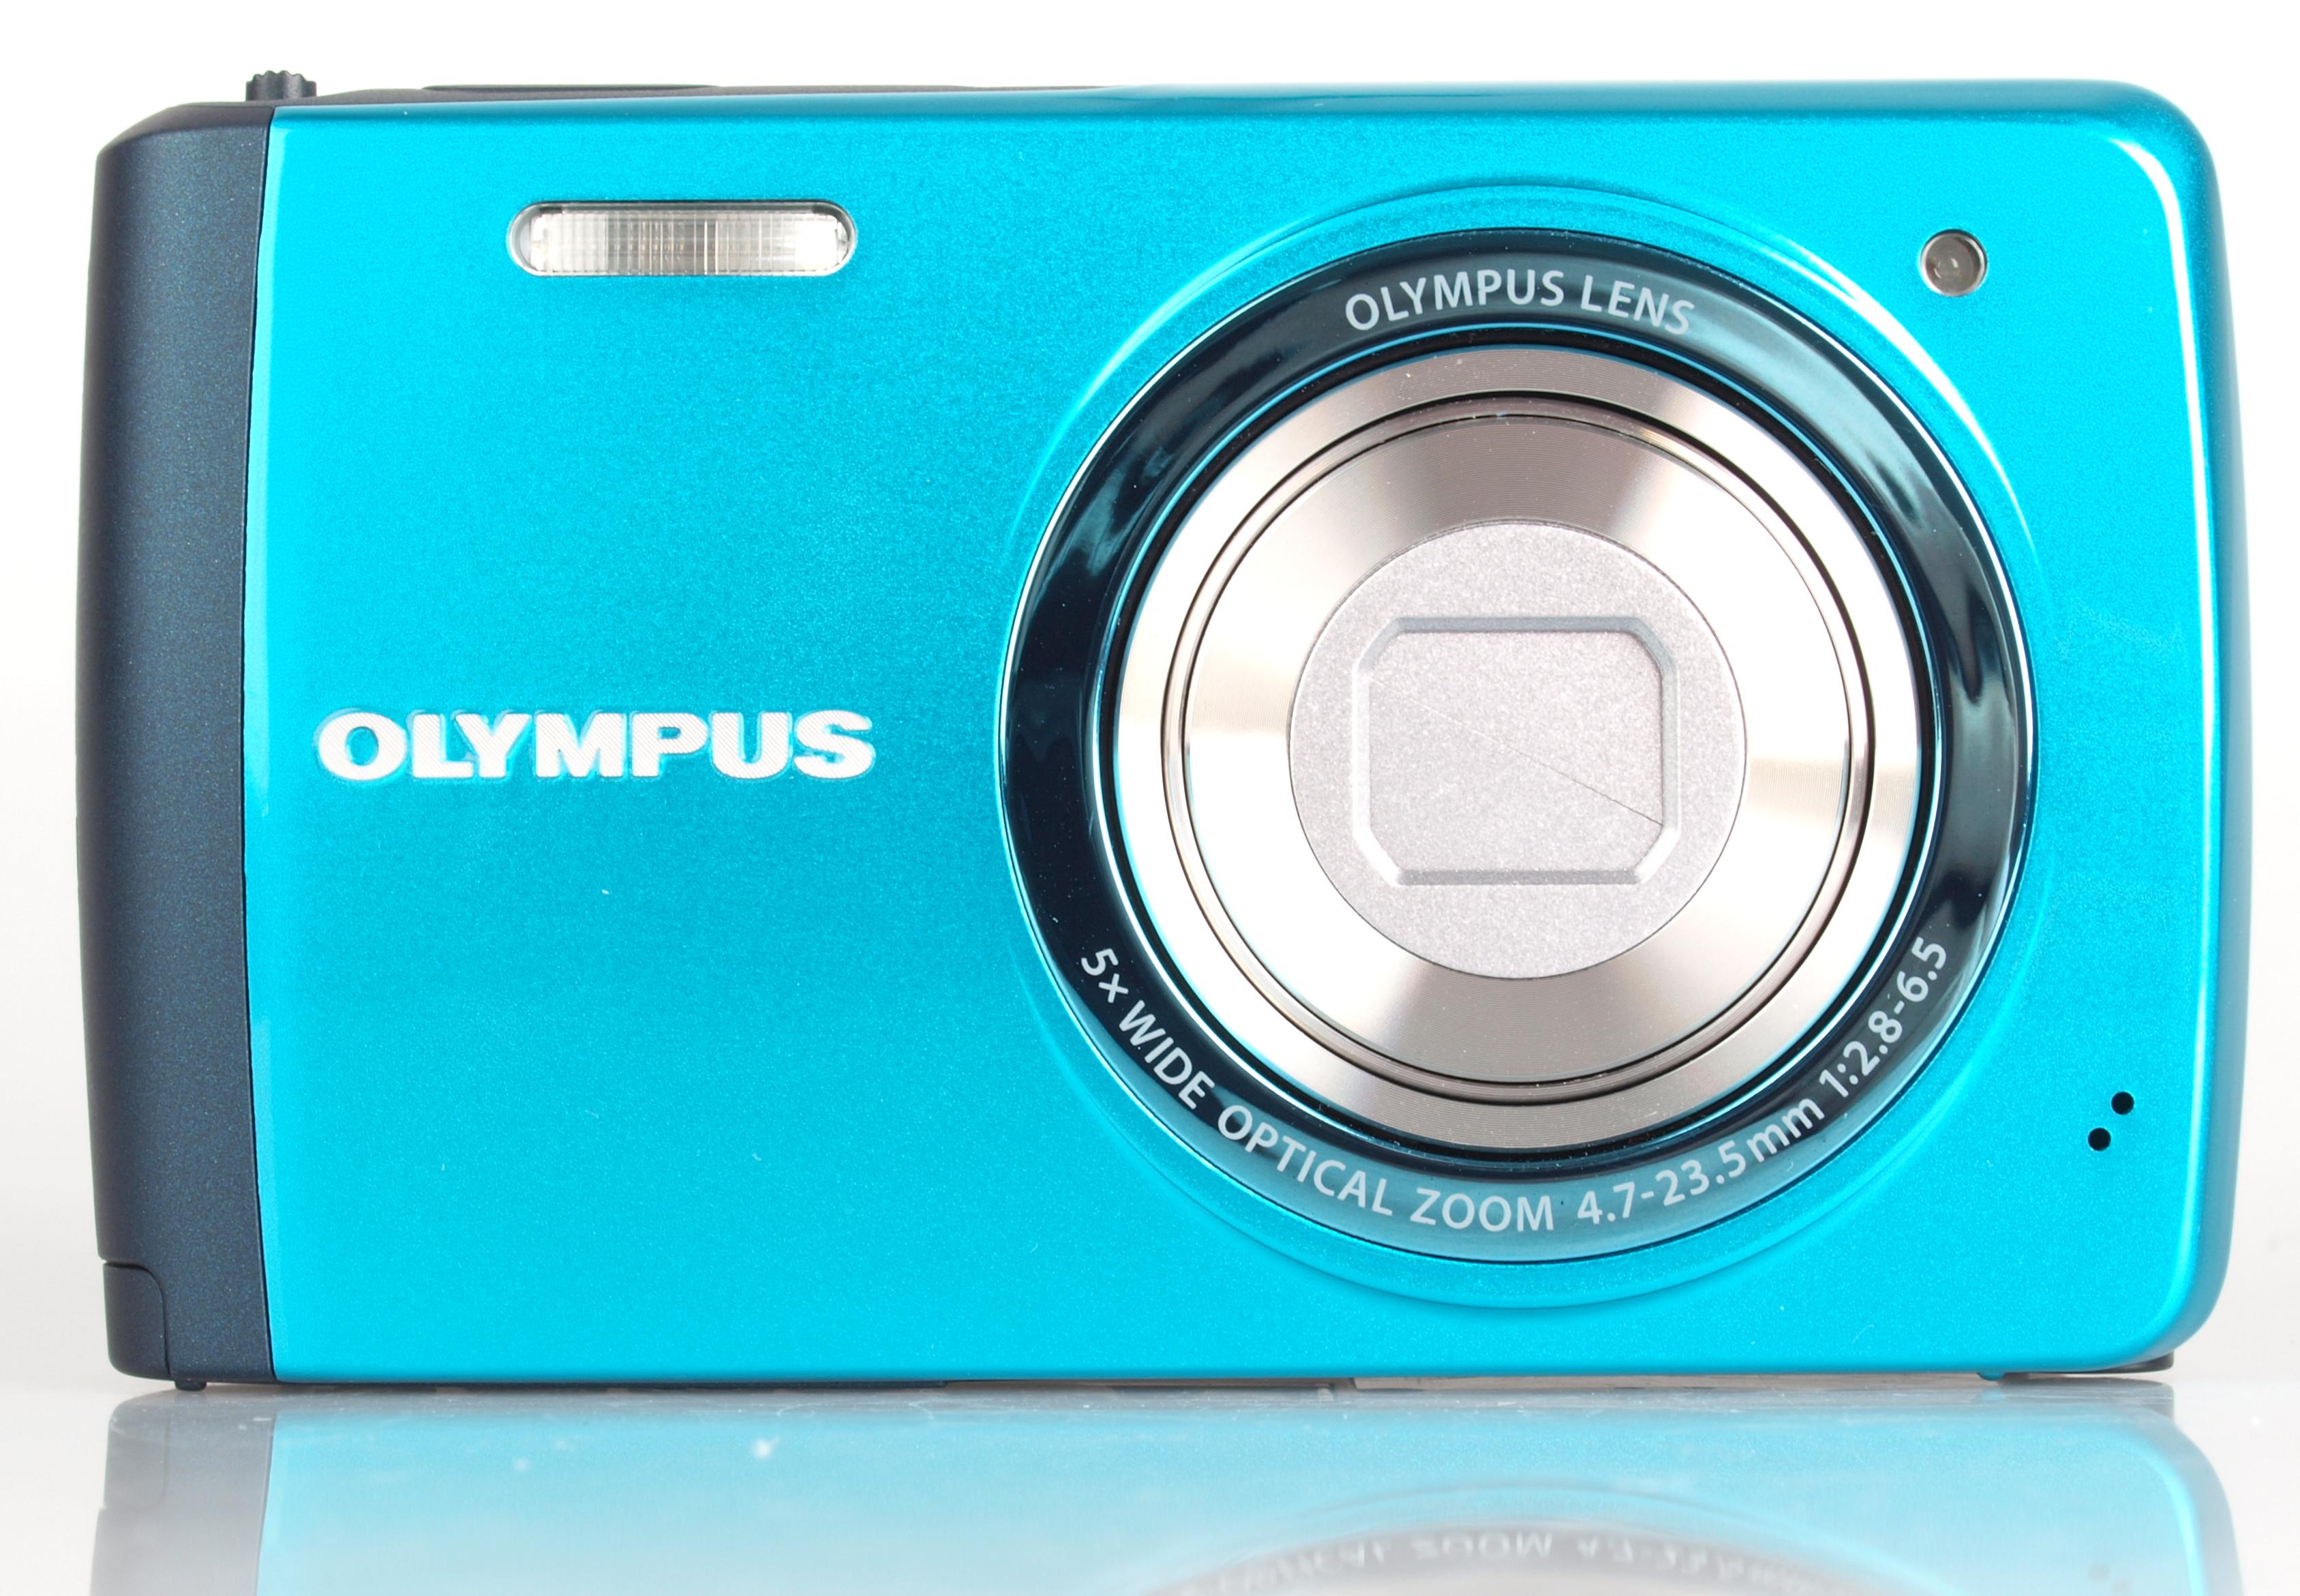 инструкция пользователя к фотоаппарату olympus mju 700 all weather инструкция пользователя